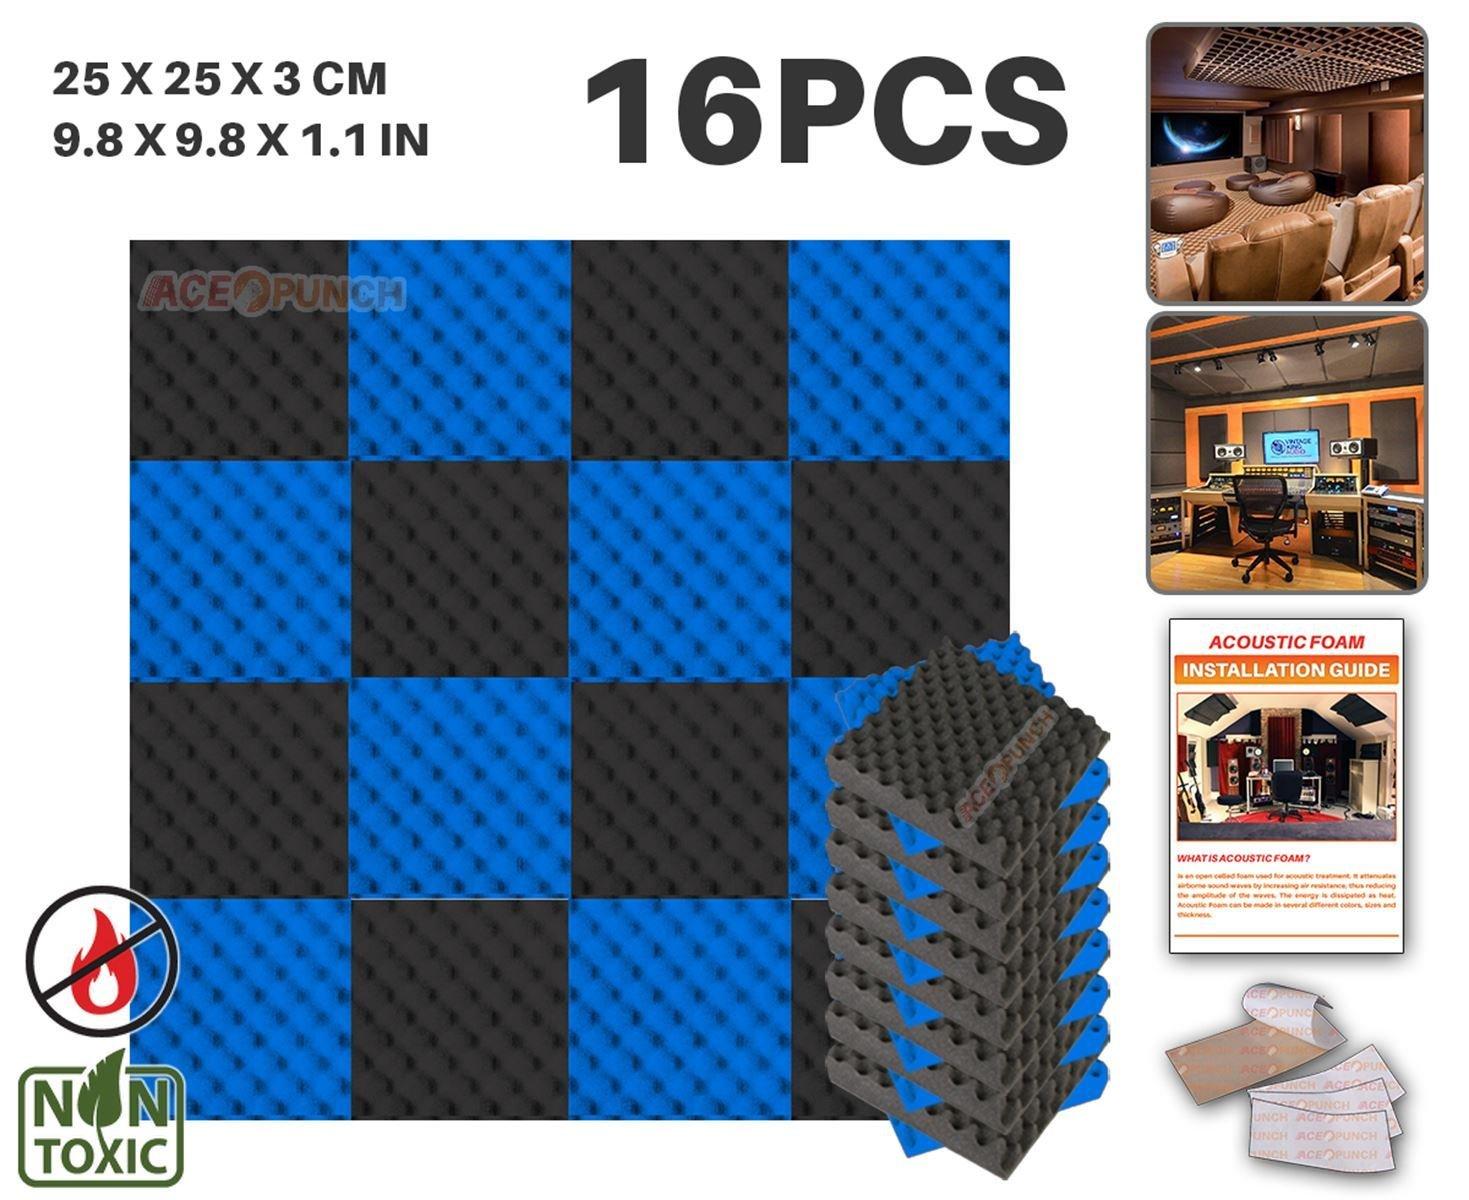 Ace Punch 16 Stück SCHWARZ UND BLAU Farbkombination Egg Crate Noppenschaumstoff Akustikschaumstoff DIY Entwurf Mit Freiem Klebestreifen 25 x 25 x 3 cm AP1052